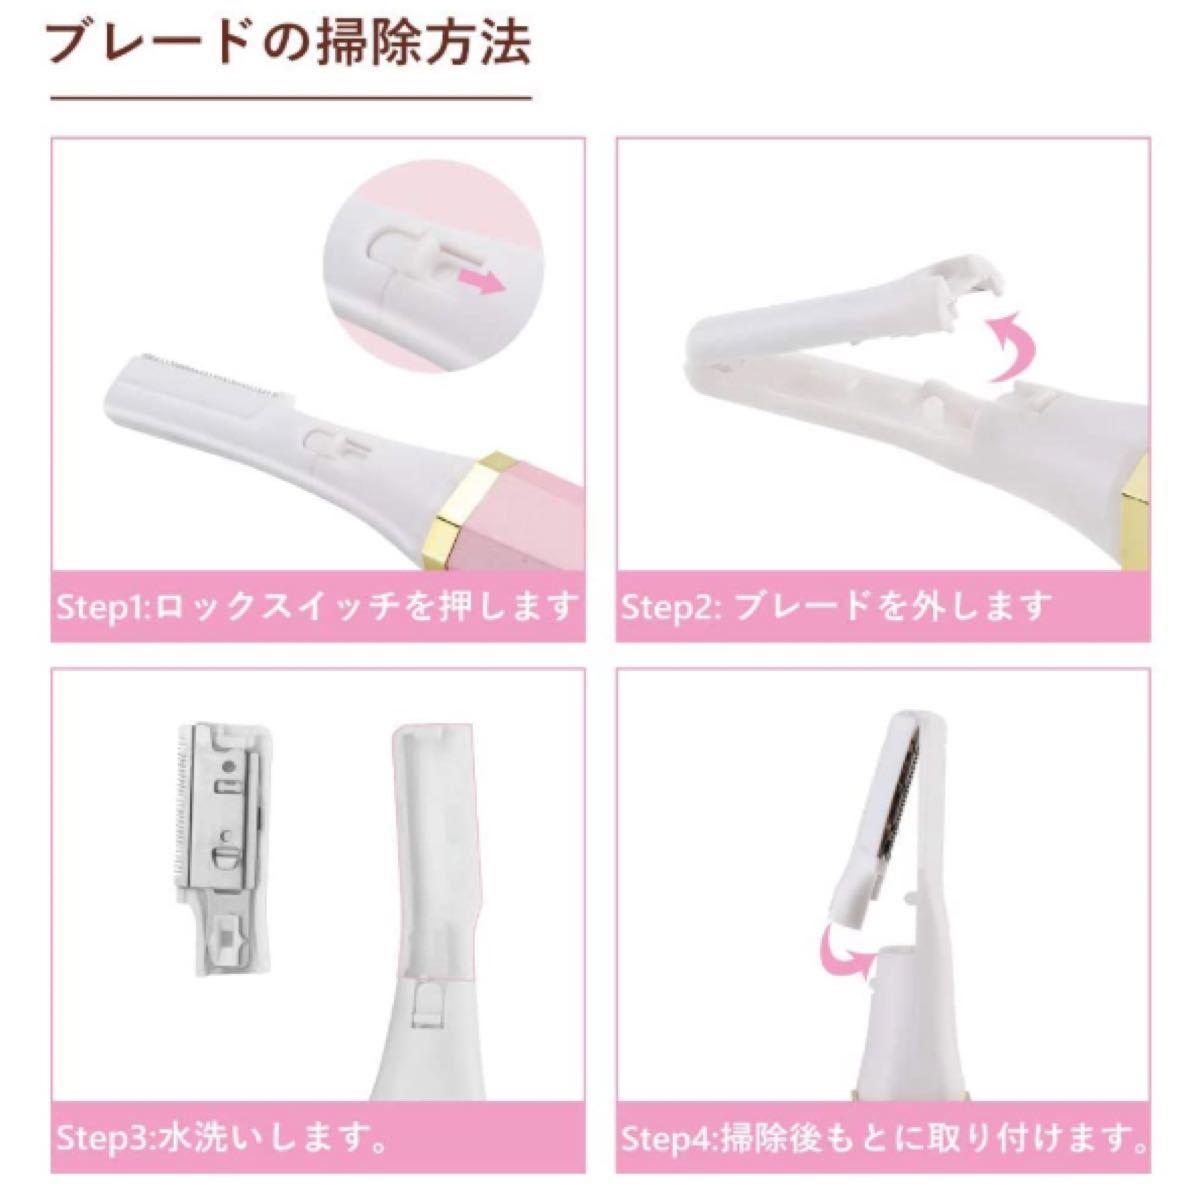 眉毛シェーバー 眉毛カッター フェイスシェーバー USB充電式 コーム付